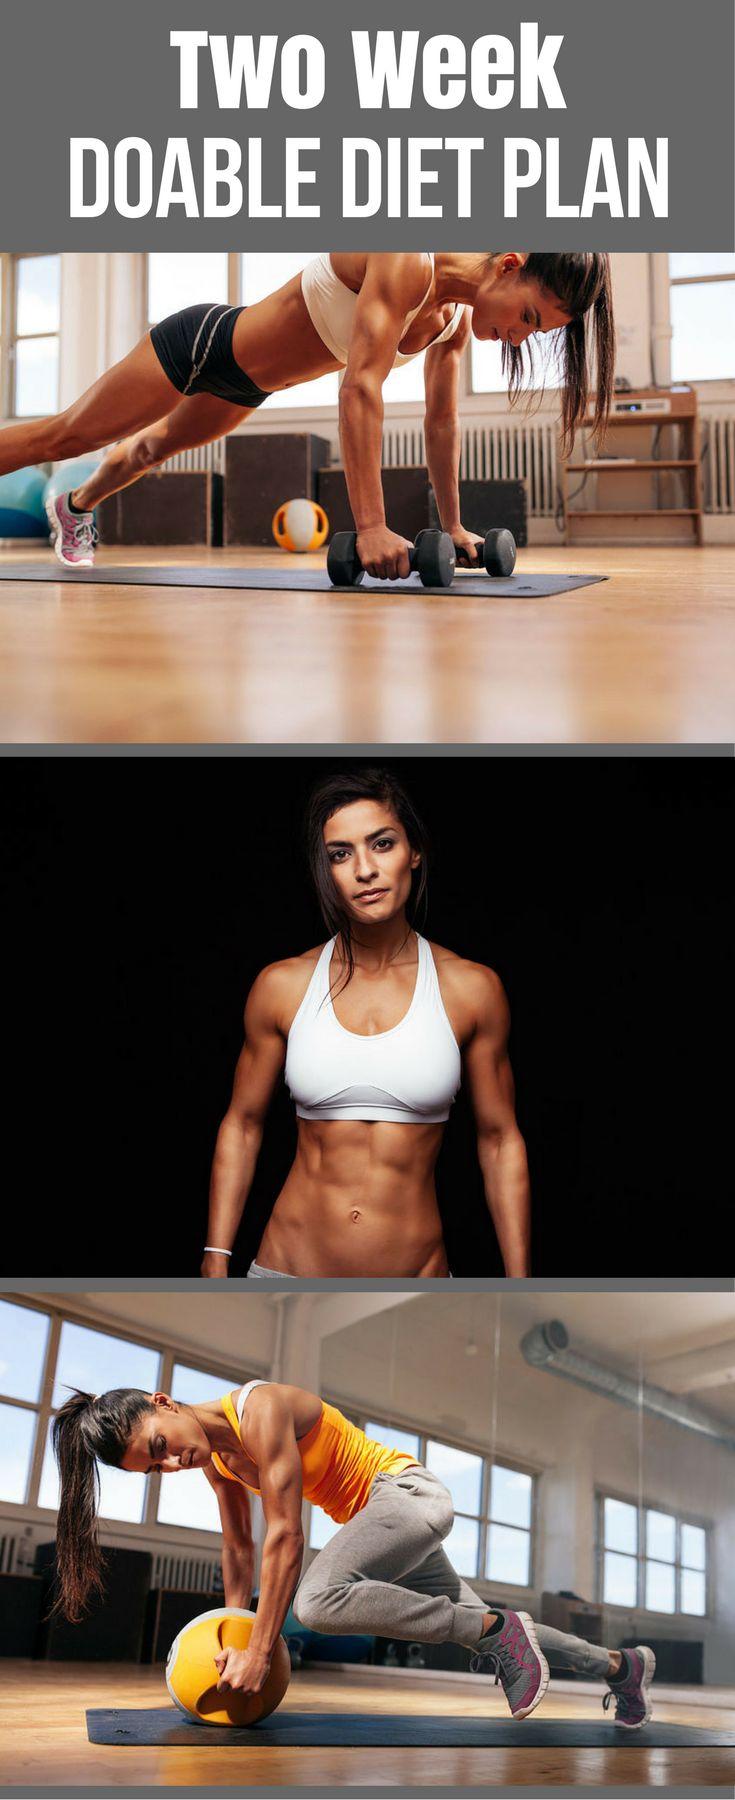 The ultimate Expert diet! #weightloss